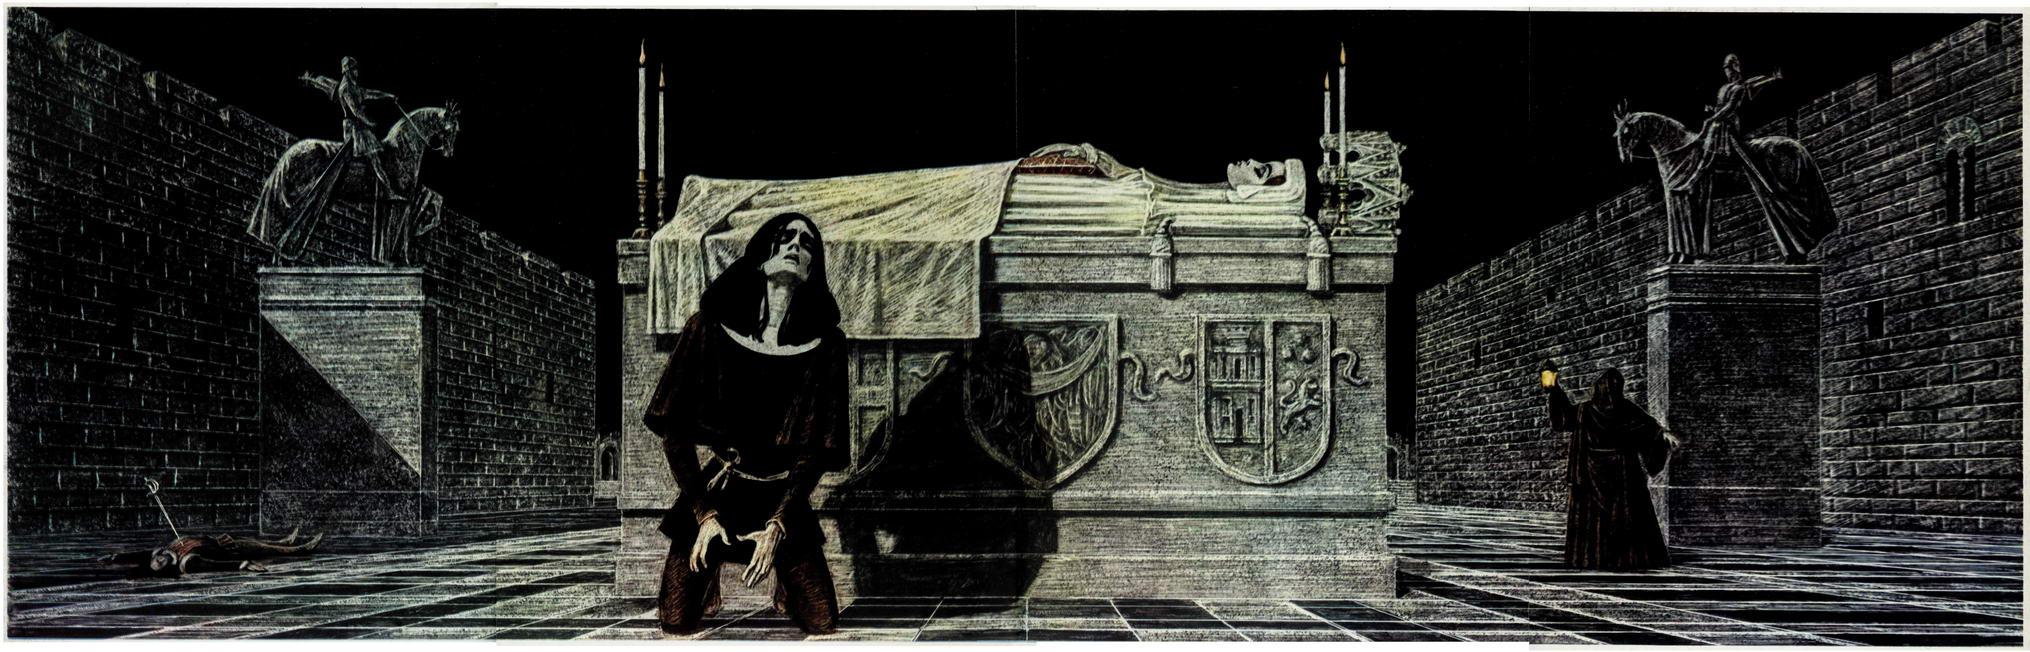 Одна из иллюстраций первой книги - если ссылка не найдена